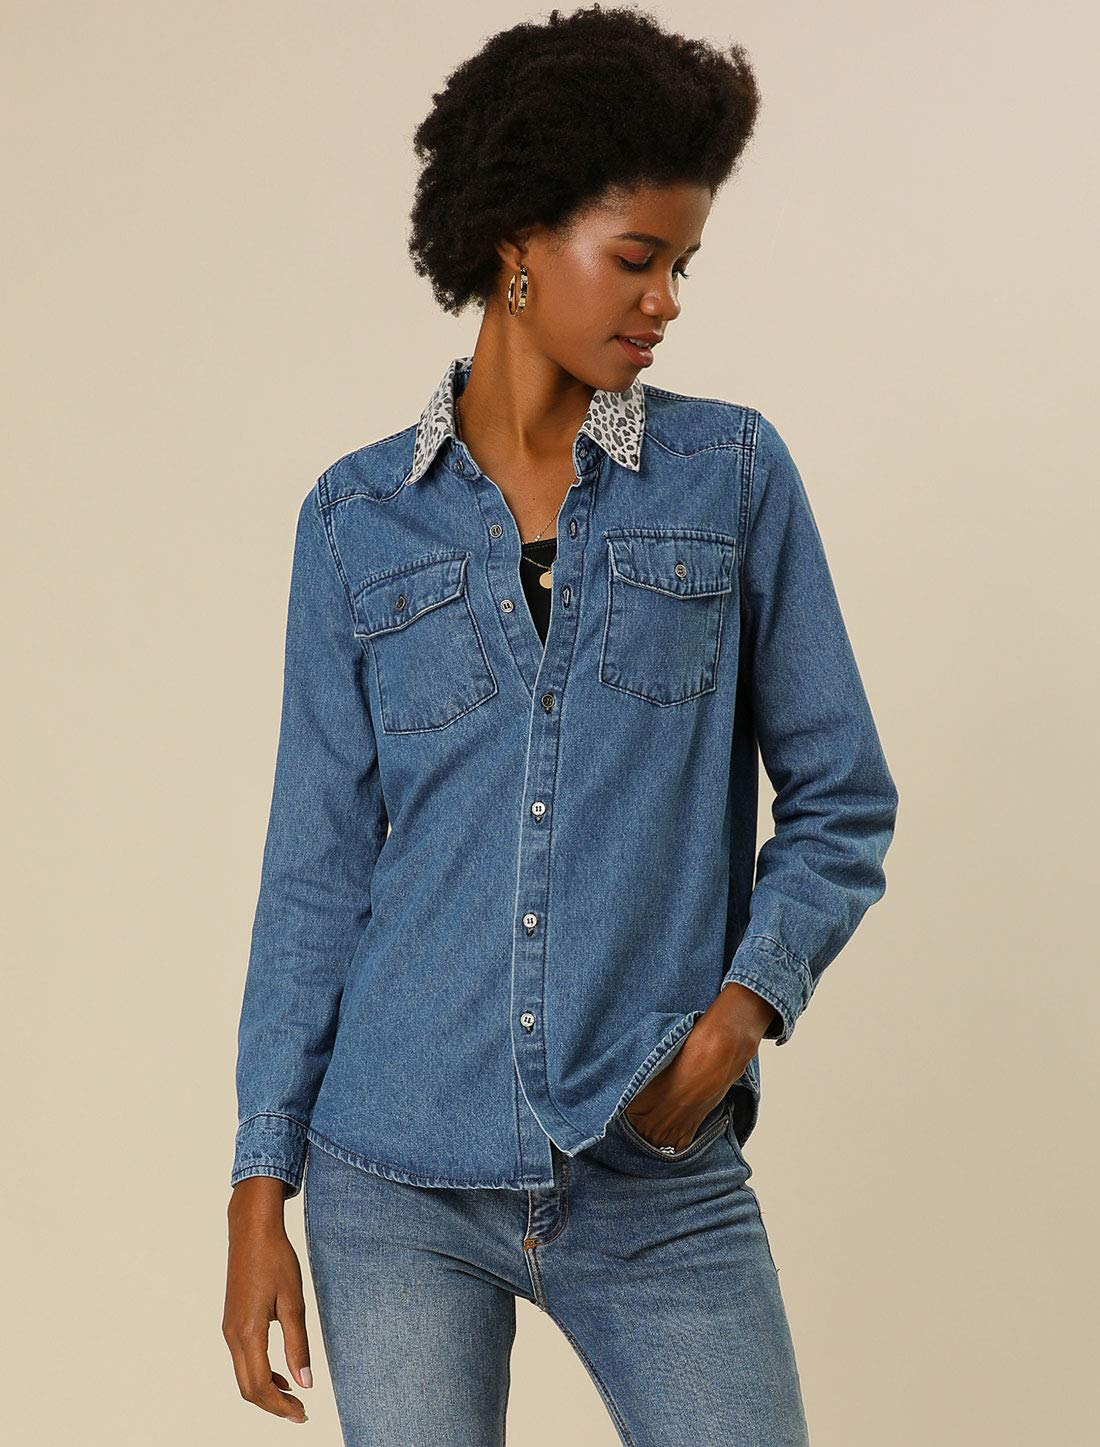 Women's Leopard Print Button Up Long Sleeves Jean Denim Shirt 5